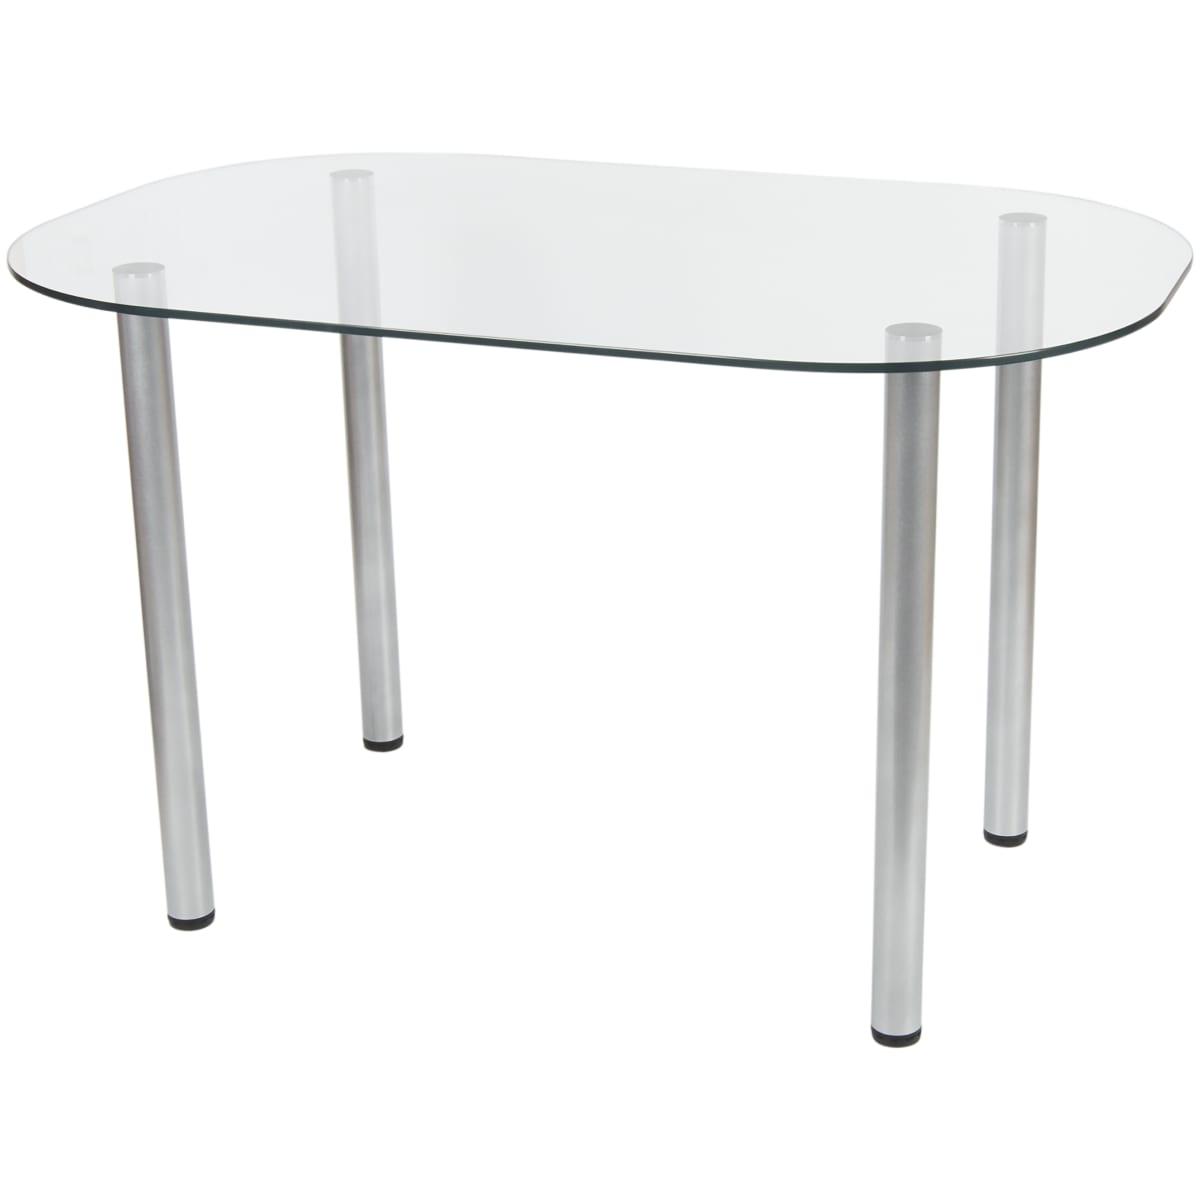 Стол кухонный овальный Тулуза, 4 персоны, 119x75см, стекло